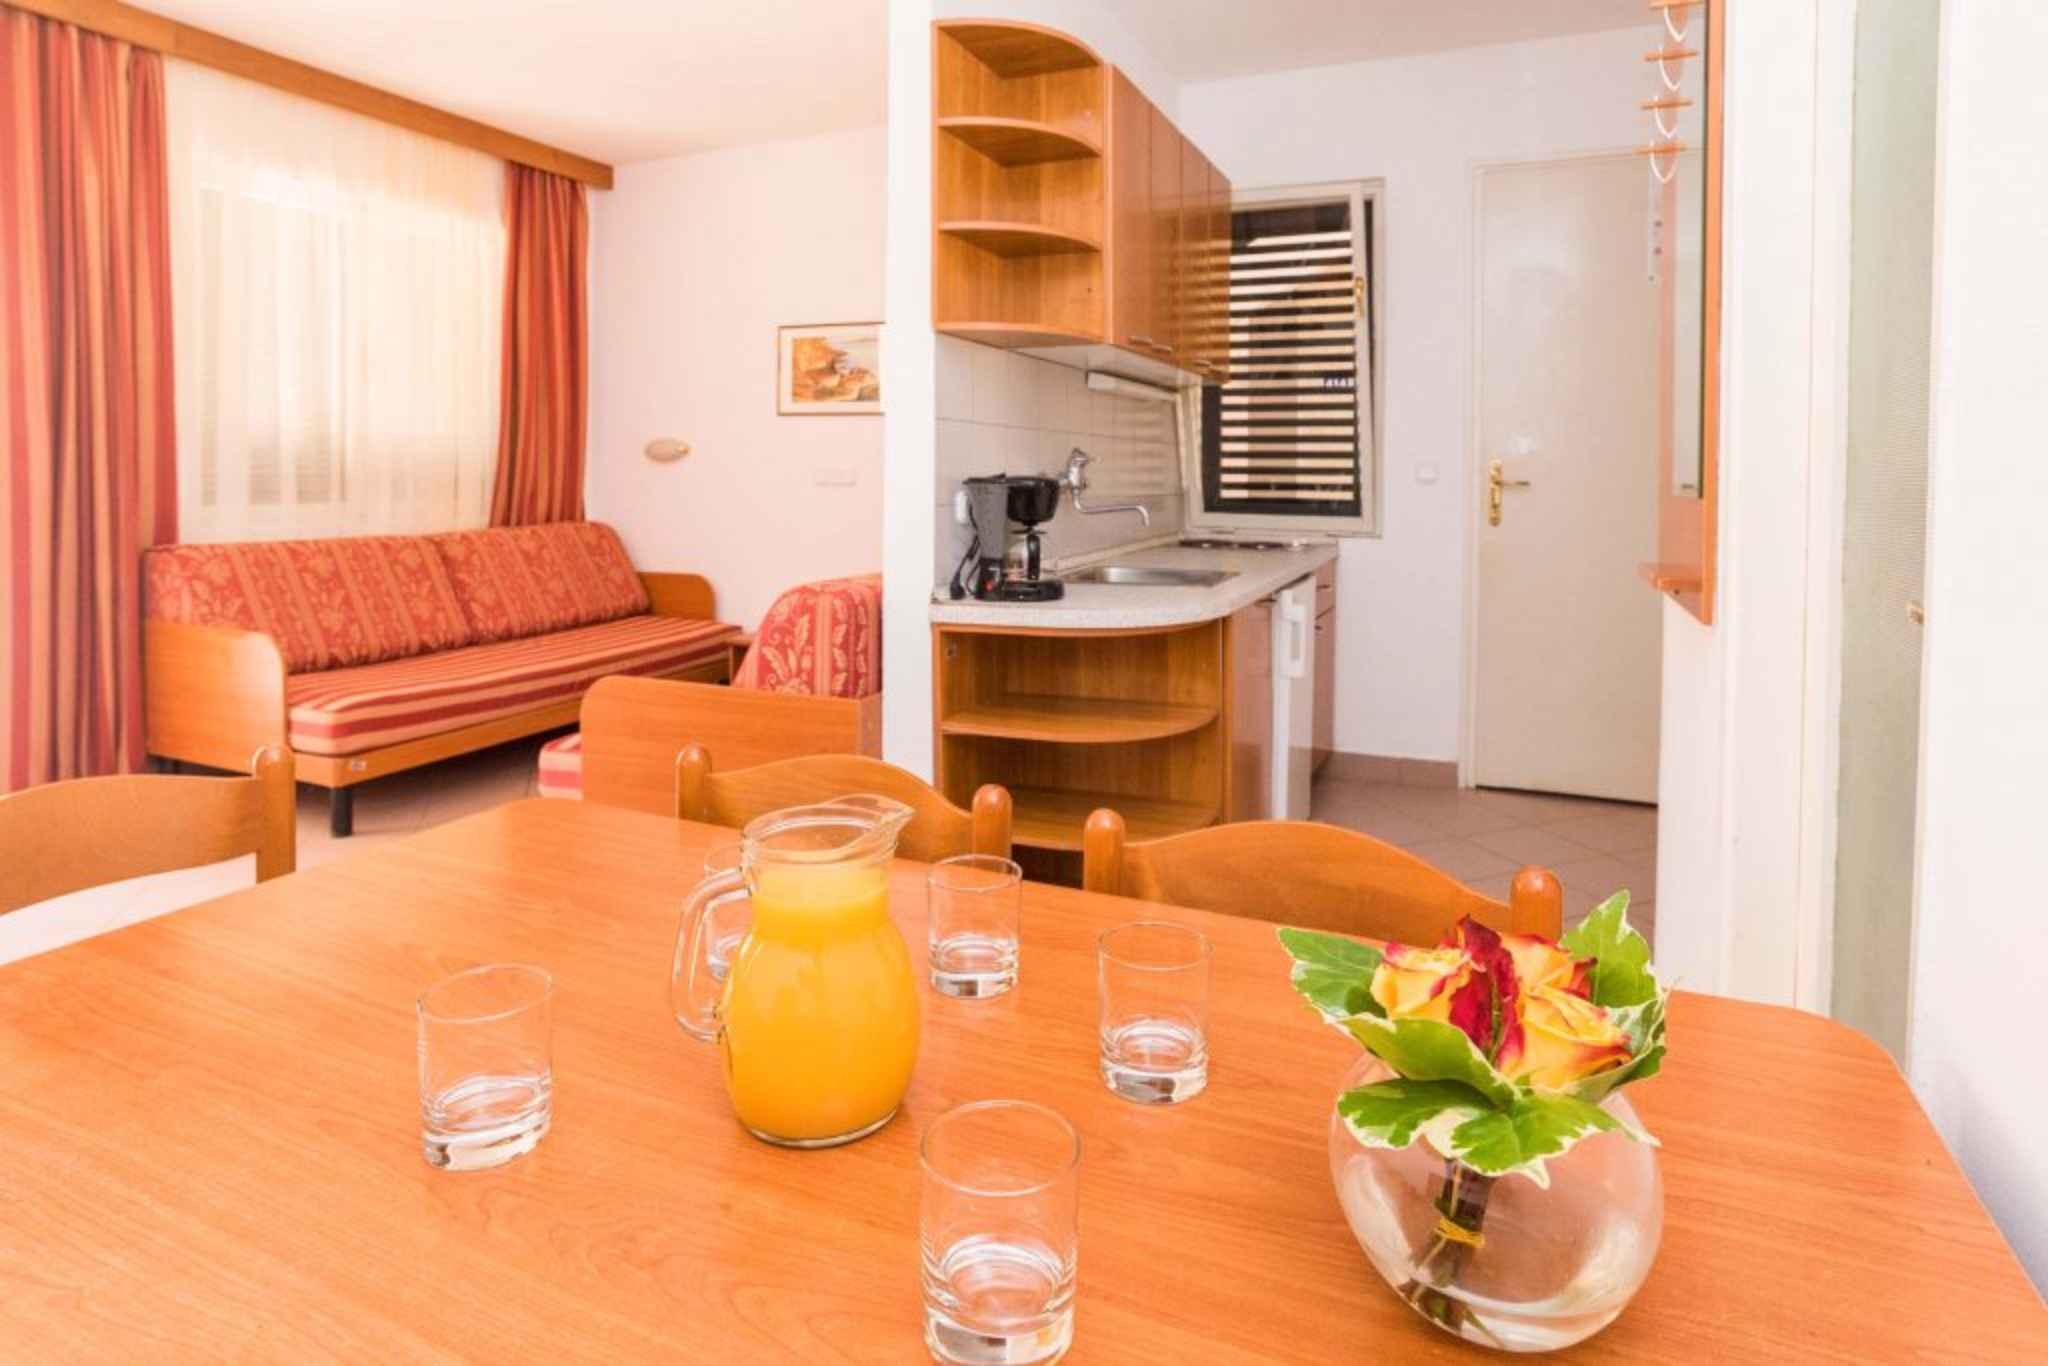 Ferienwohnung in der Ferienanlage Polynesia (281152), Umag, , Istrien, Kroatien, Bild 3